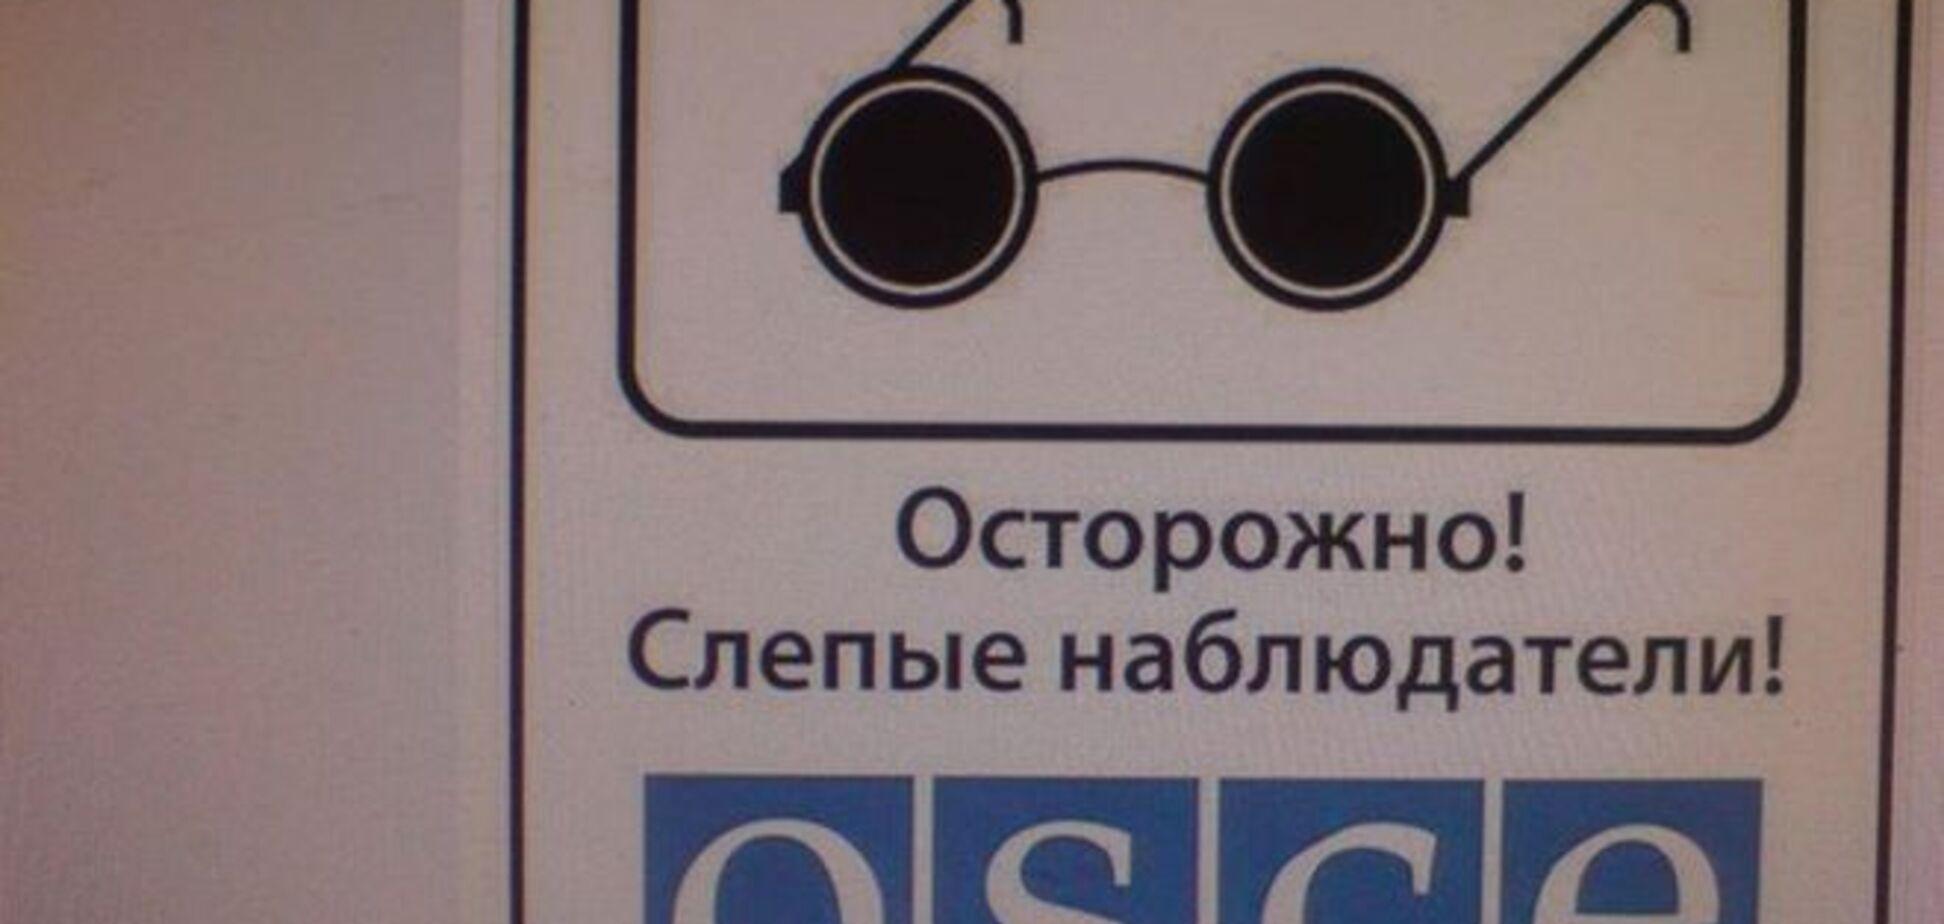 Місія ОБСЄ під час обстрілу Широкіного поїхала - Міноборони